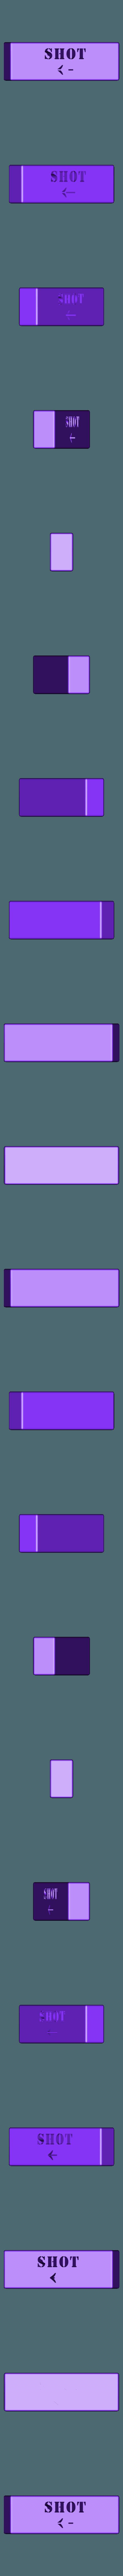 Jenga block - Shot (left).stl Download STL file Jenga Rules • 3D print model, Made_In_Space